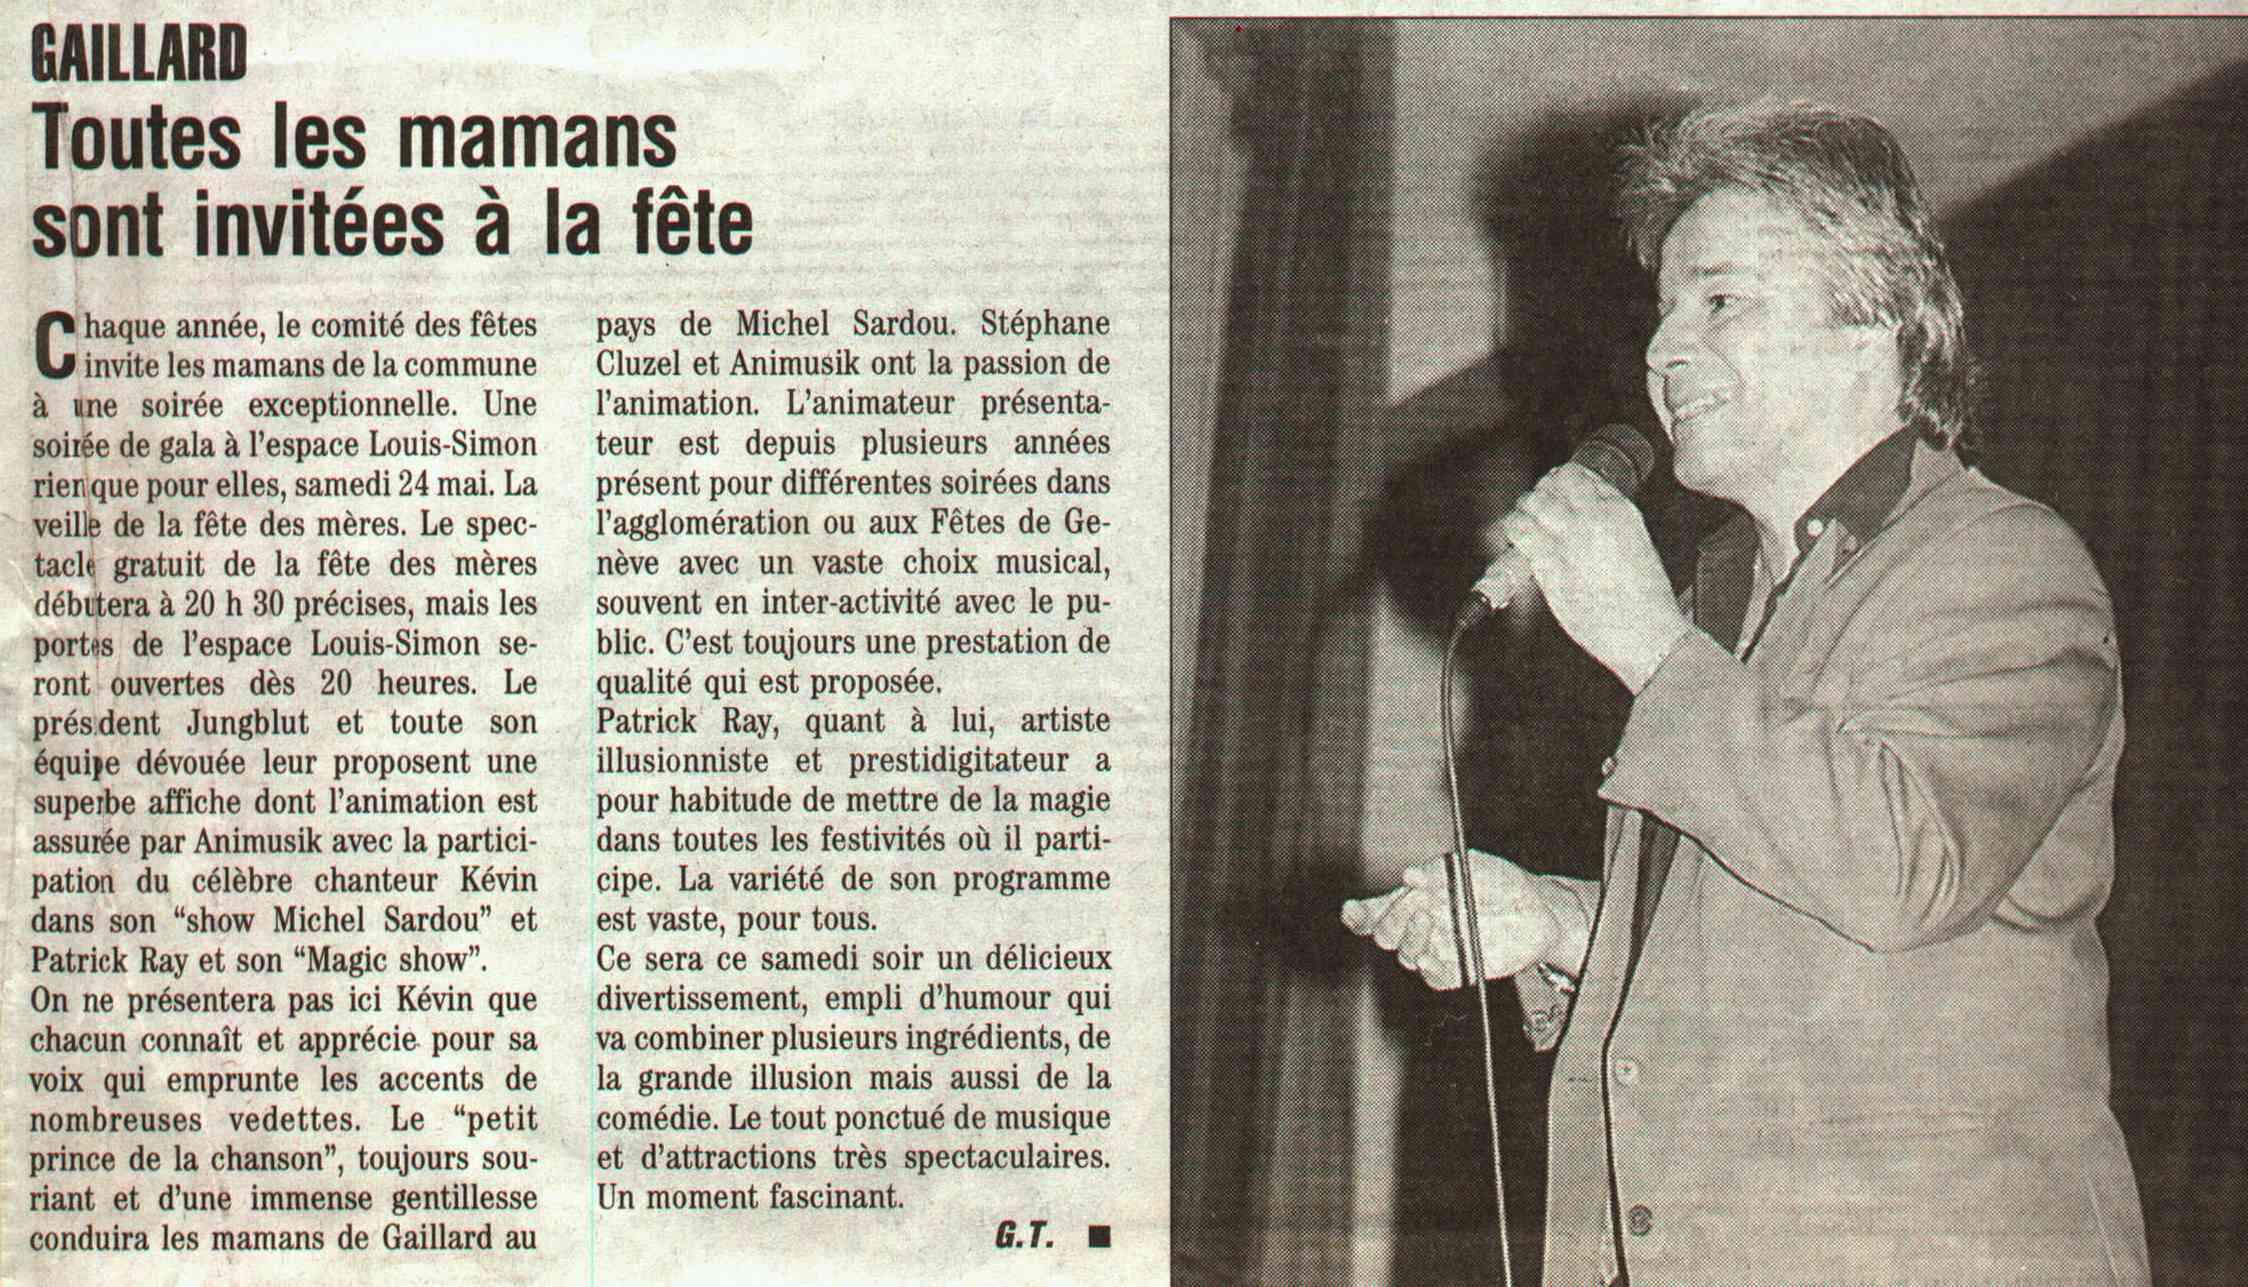 Article_Dauphiné_Libéré_Fêtes_des_Mères_Gaillard_2003_1.jpg